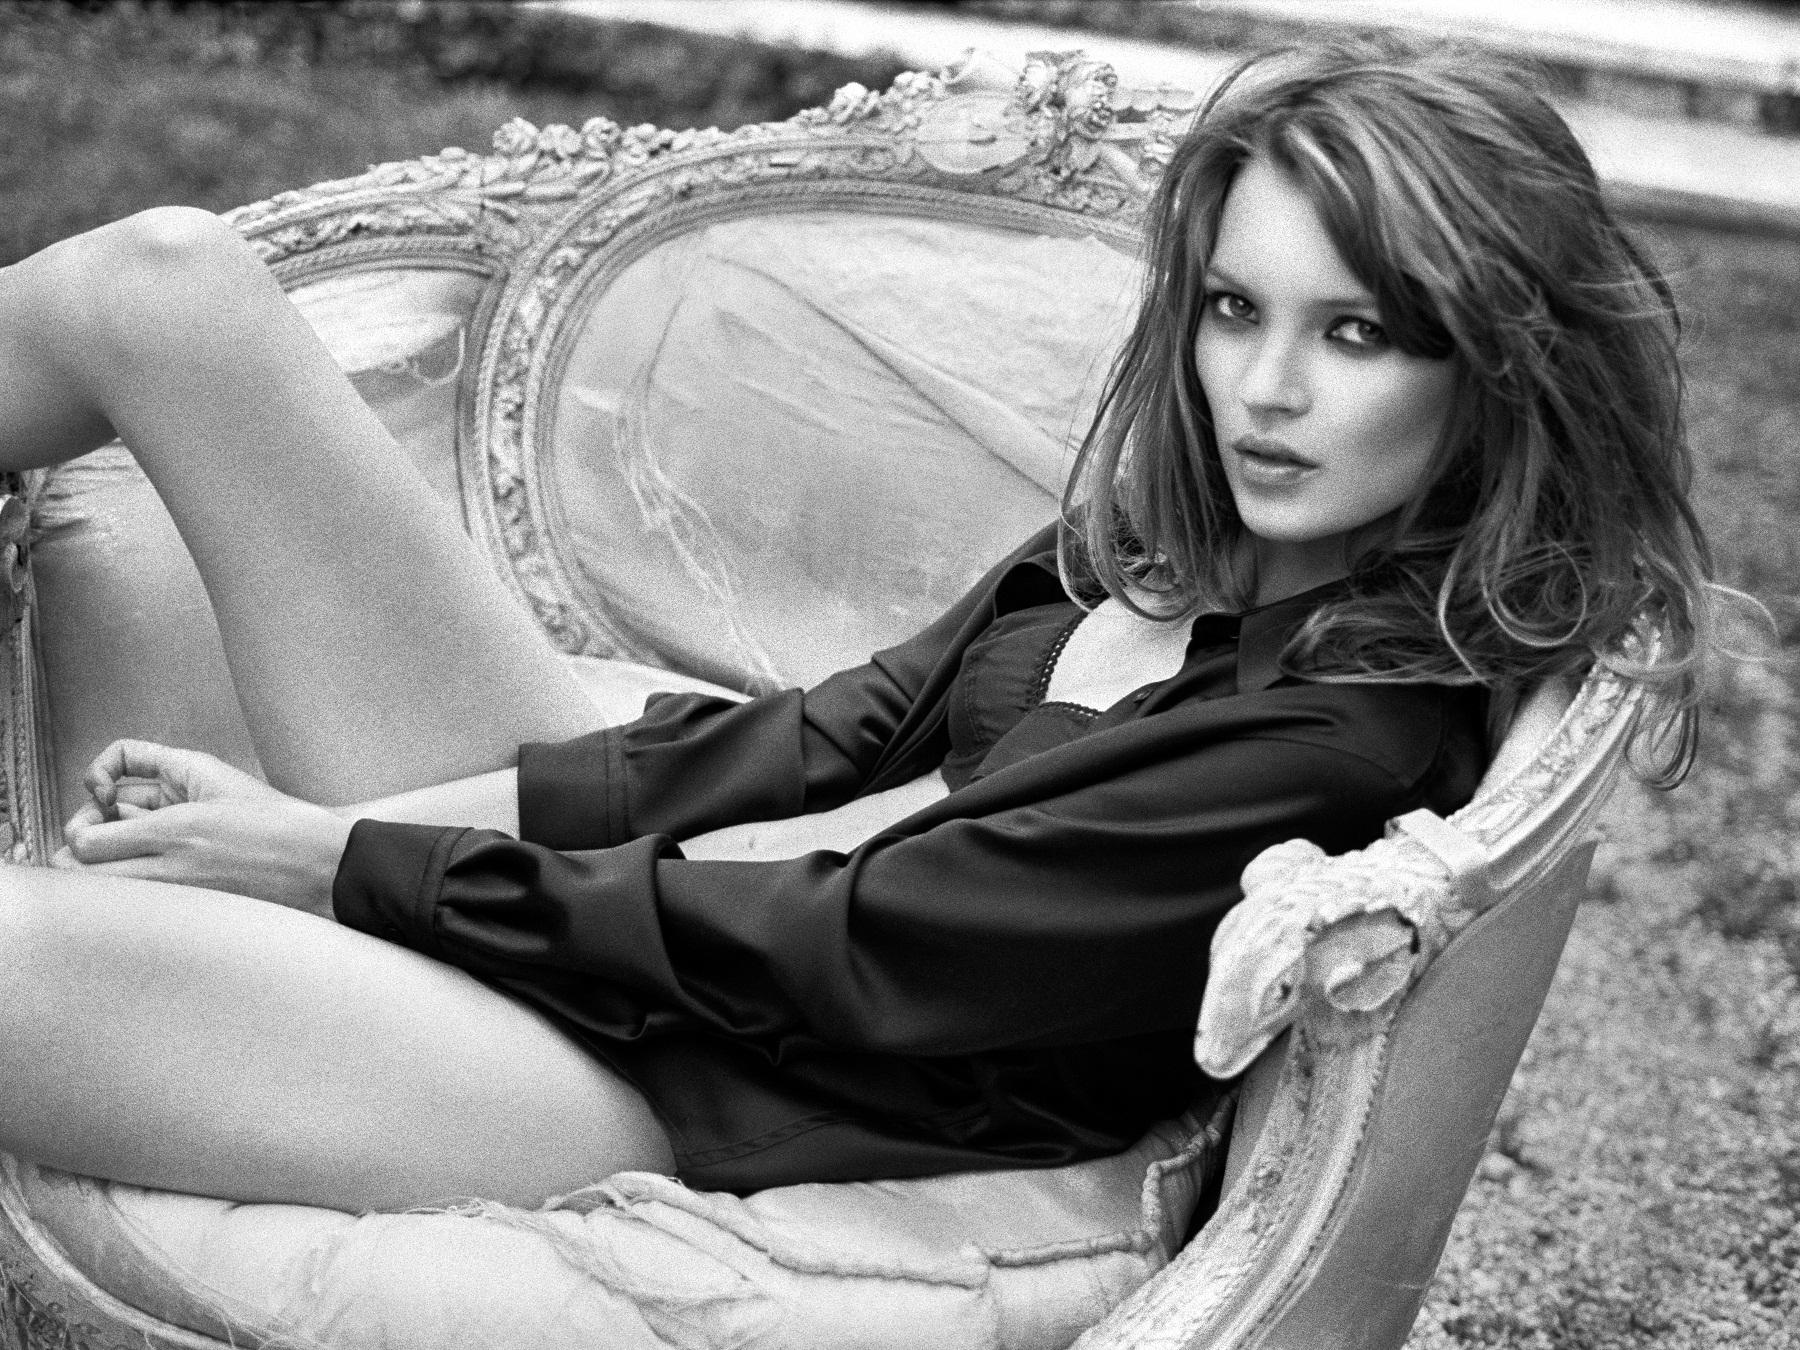 Las mejores fotografías de Kate Moss